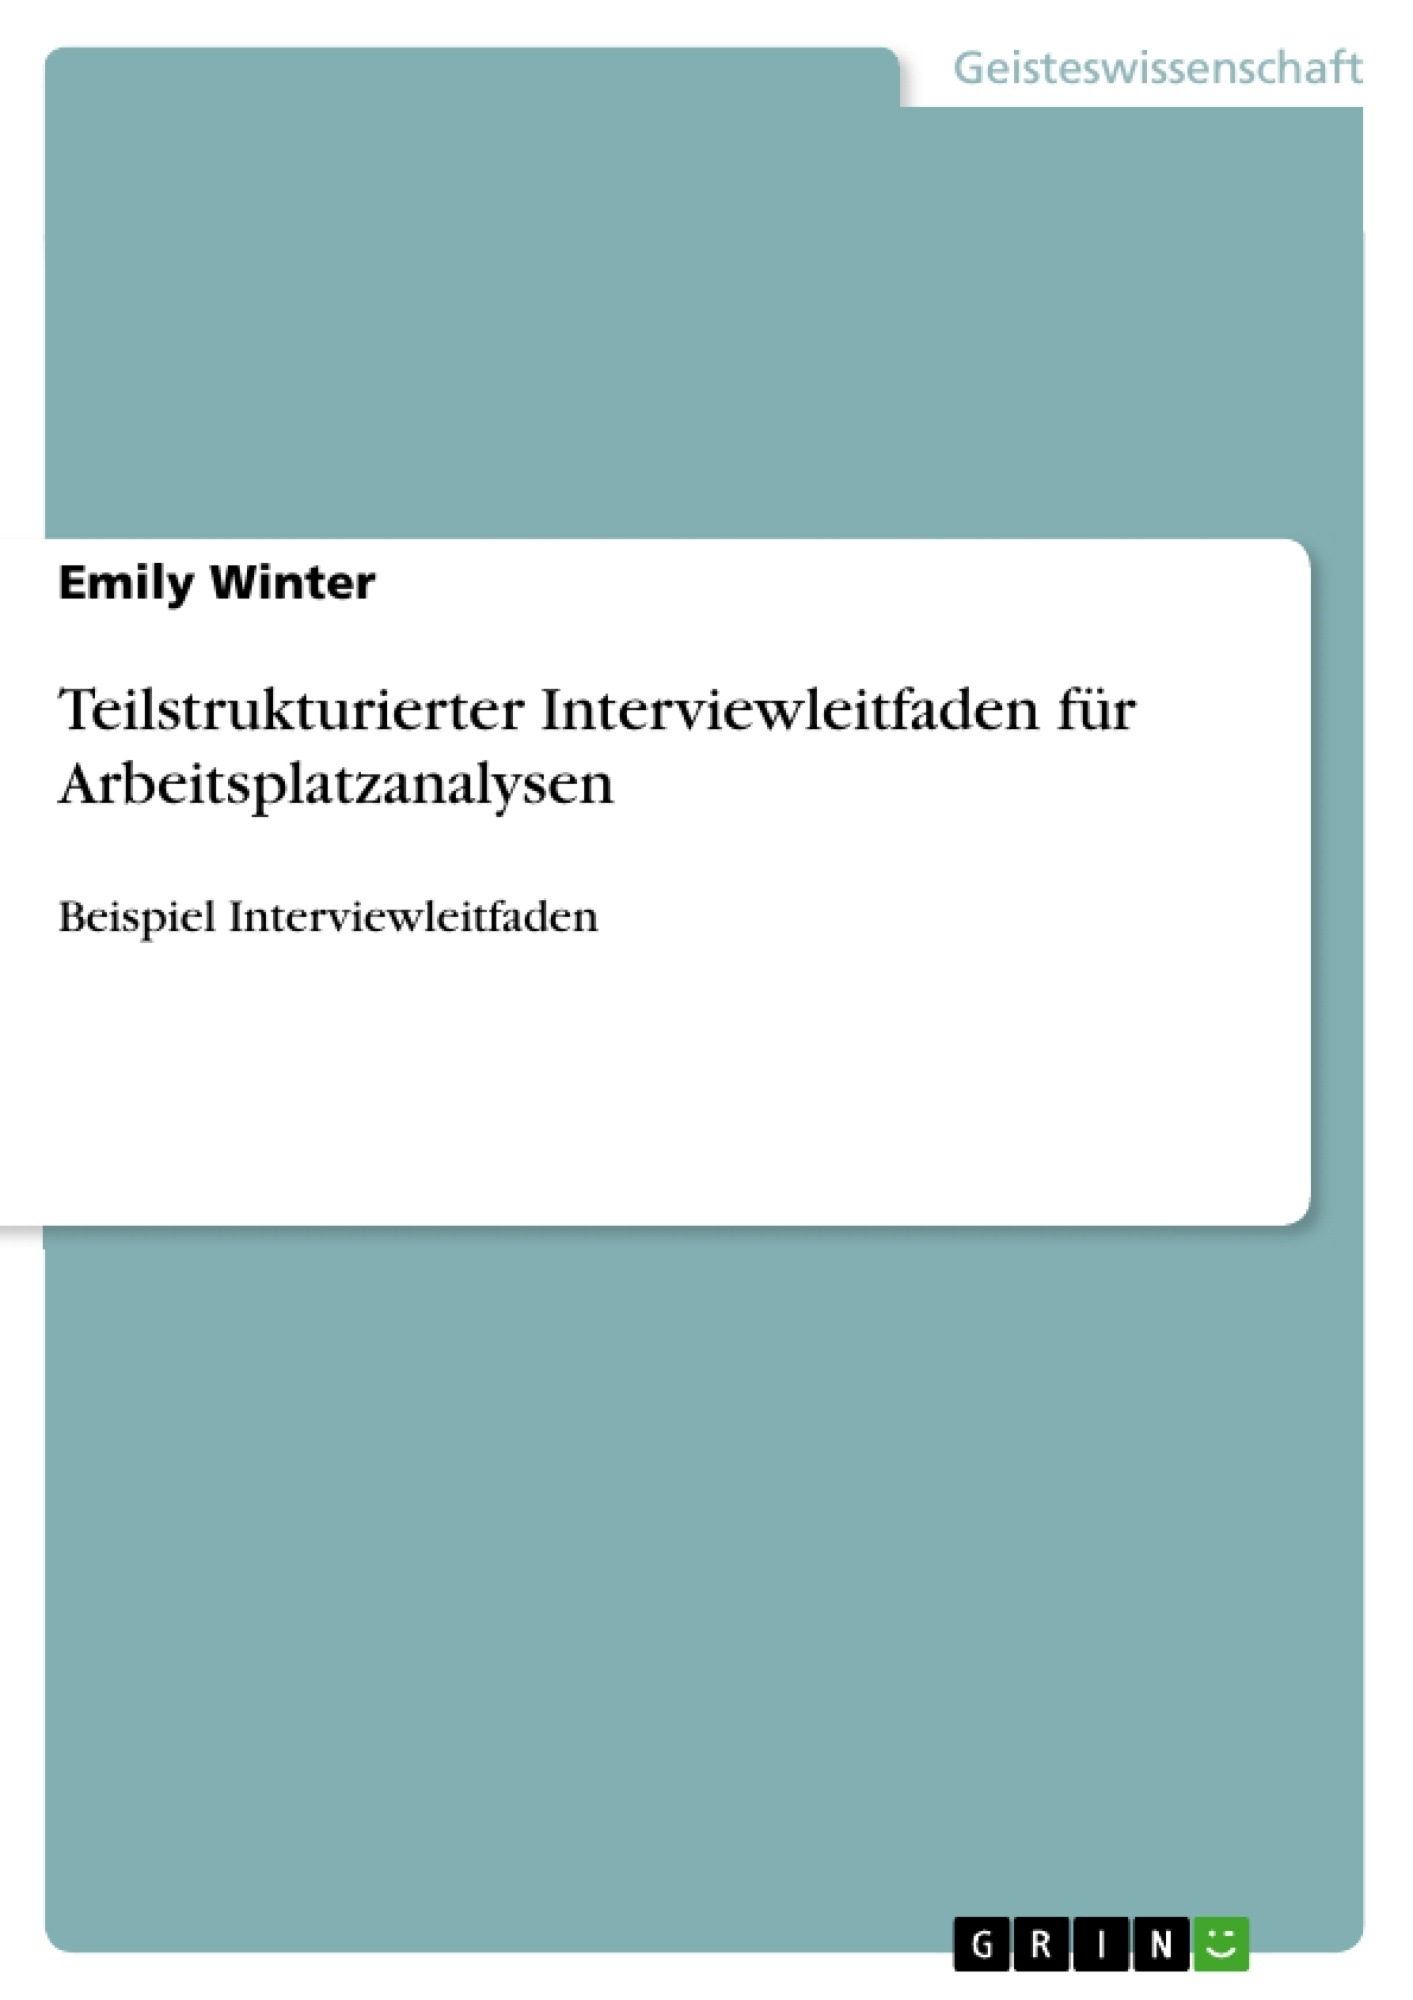 Titel: Teilstrukturierter Interviewleitfaden für Arbeitsplatzanalysen